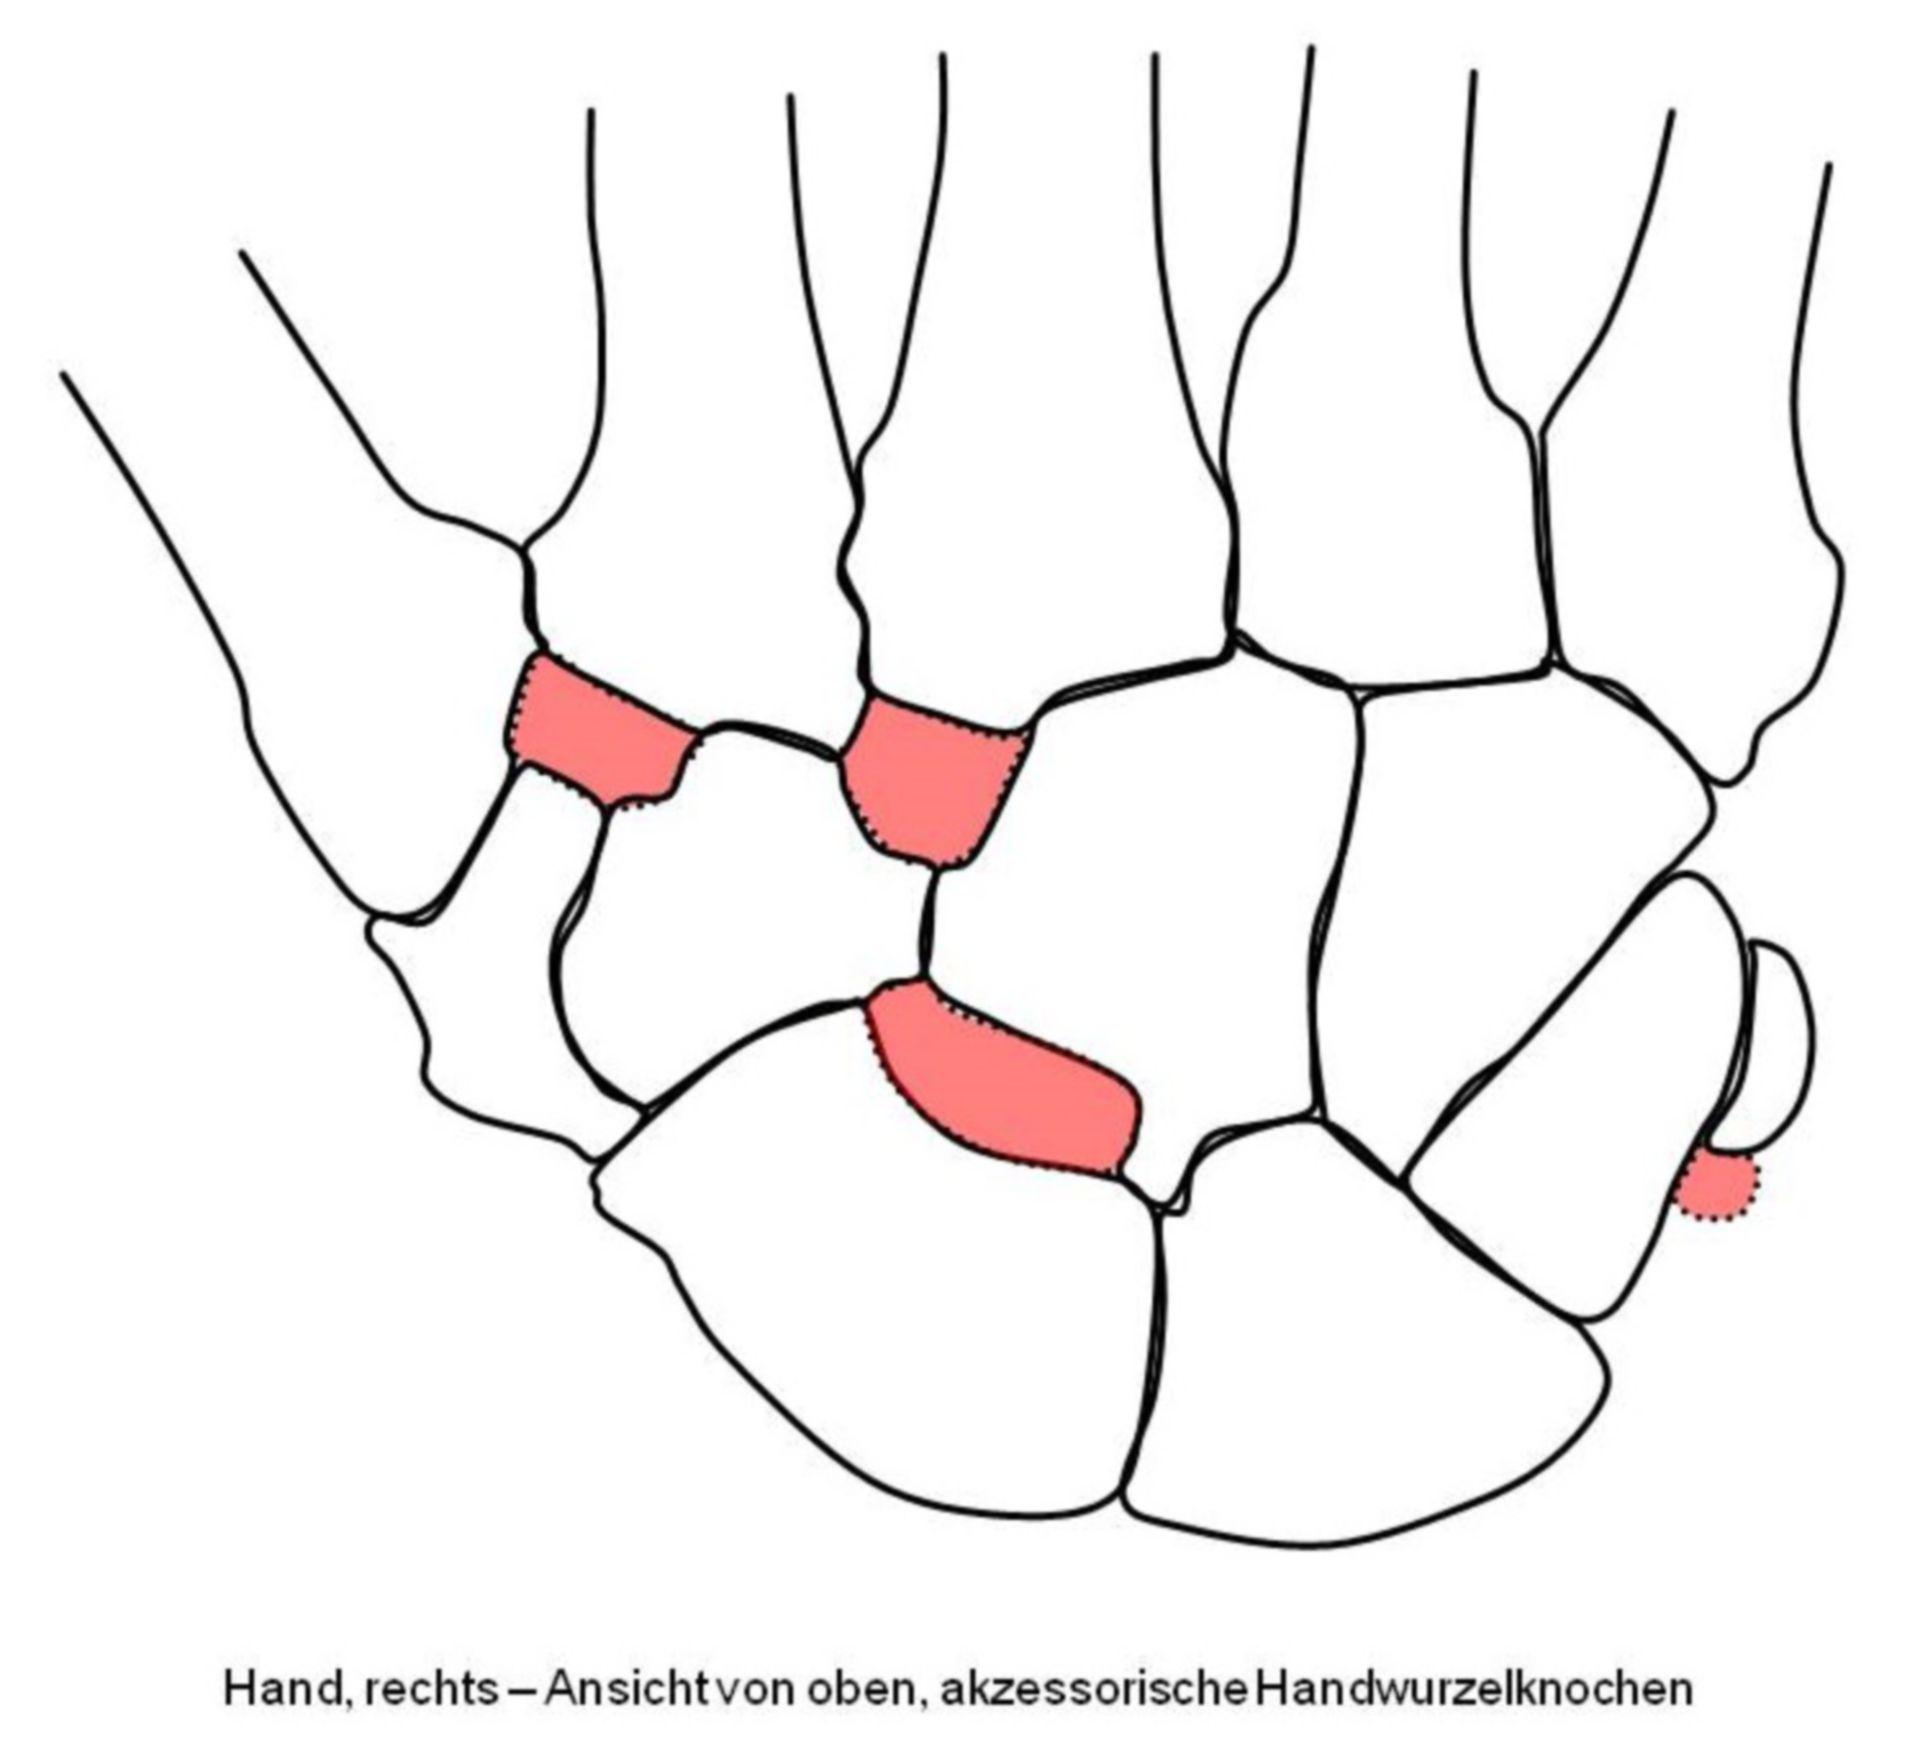 Akzessorische Handwurzelknochen